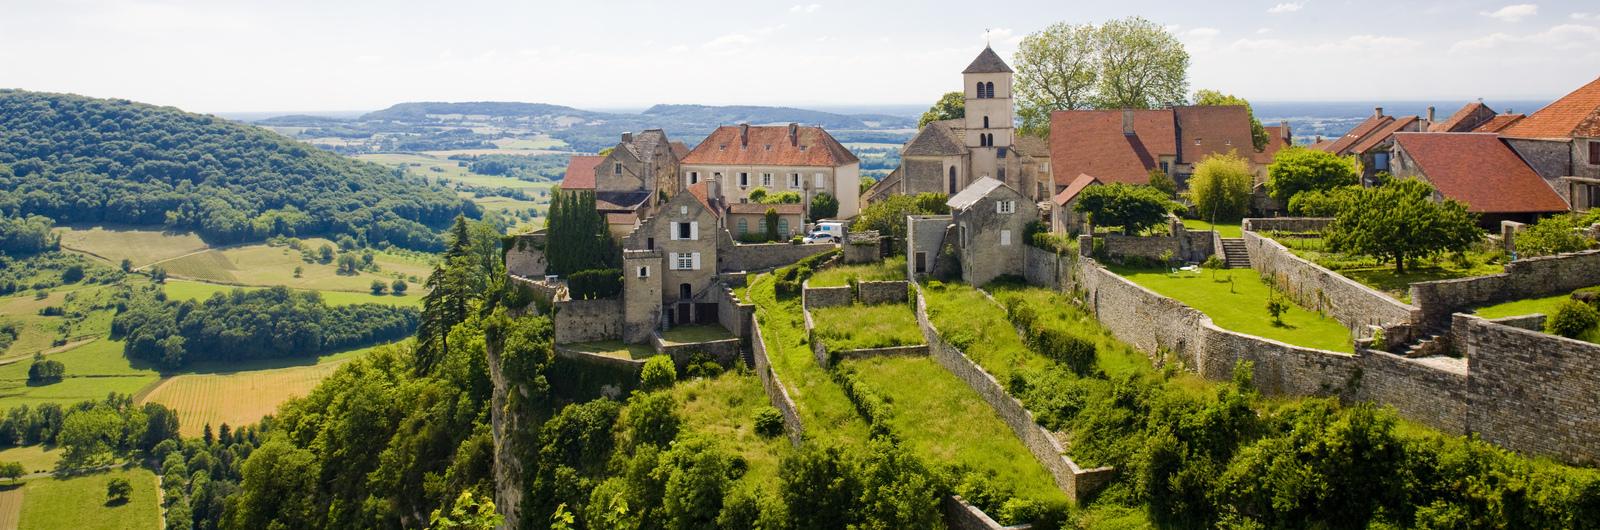 franche comte city header